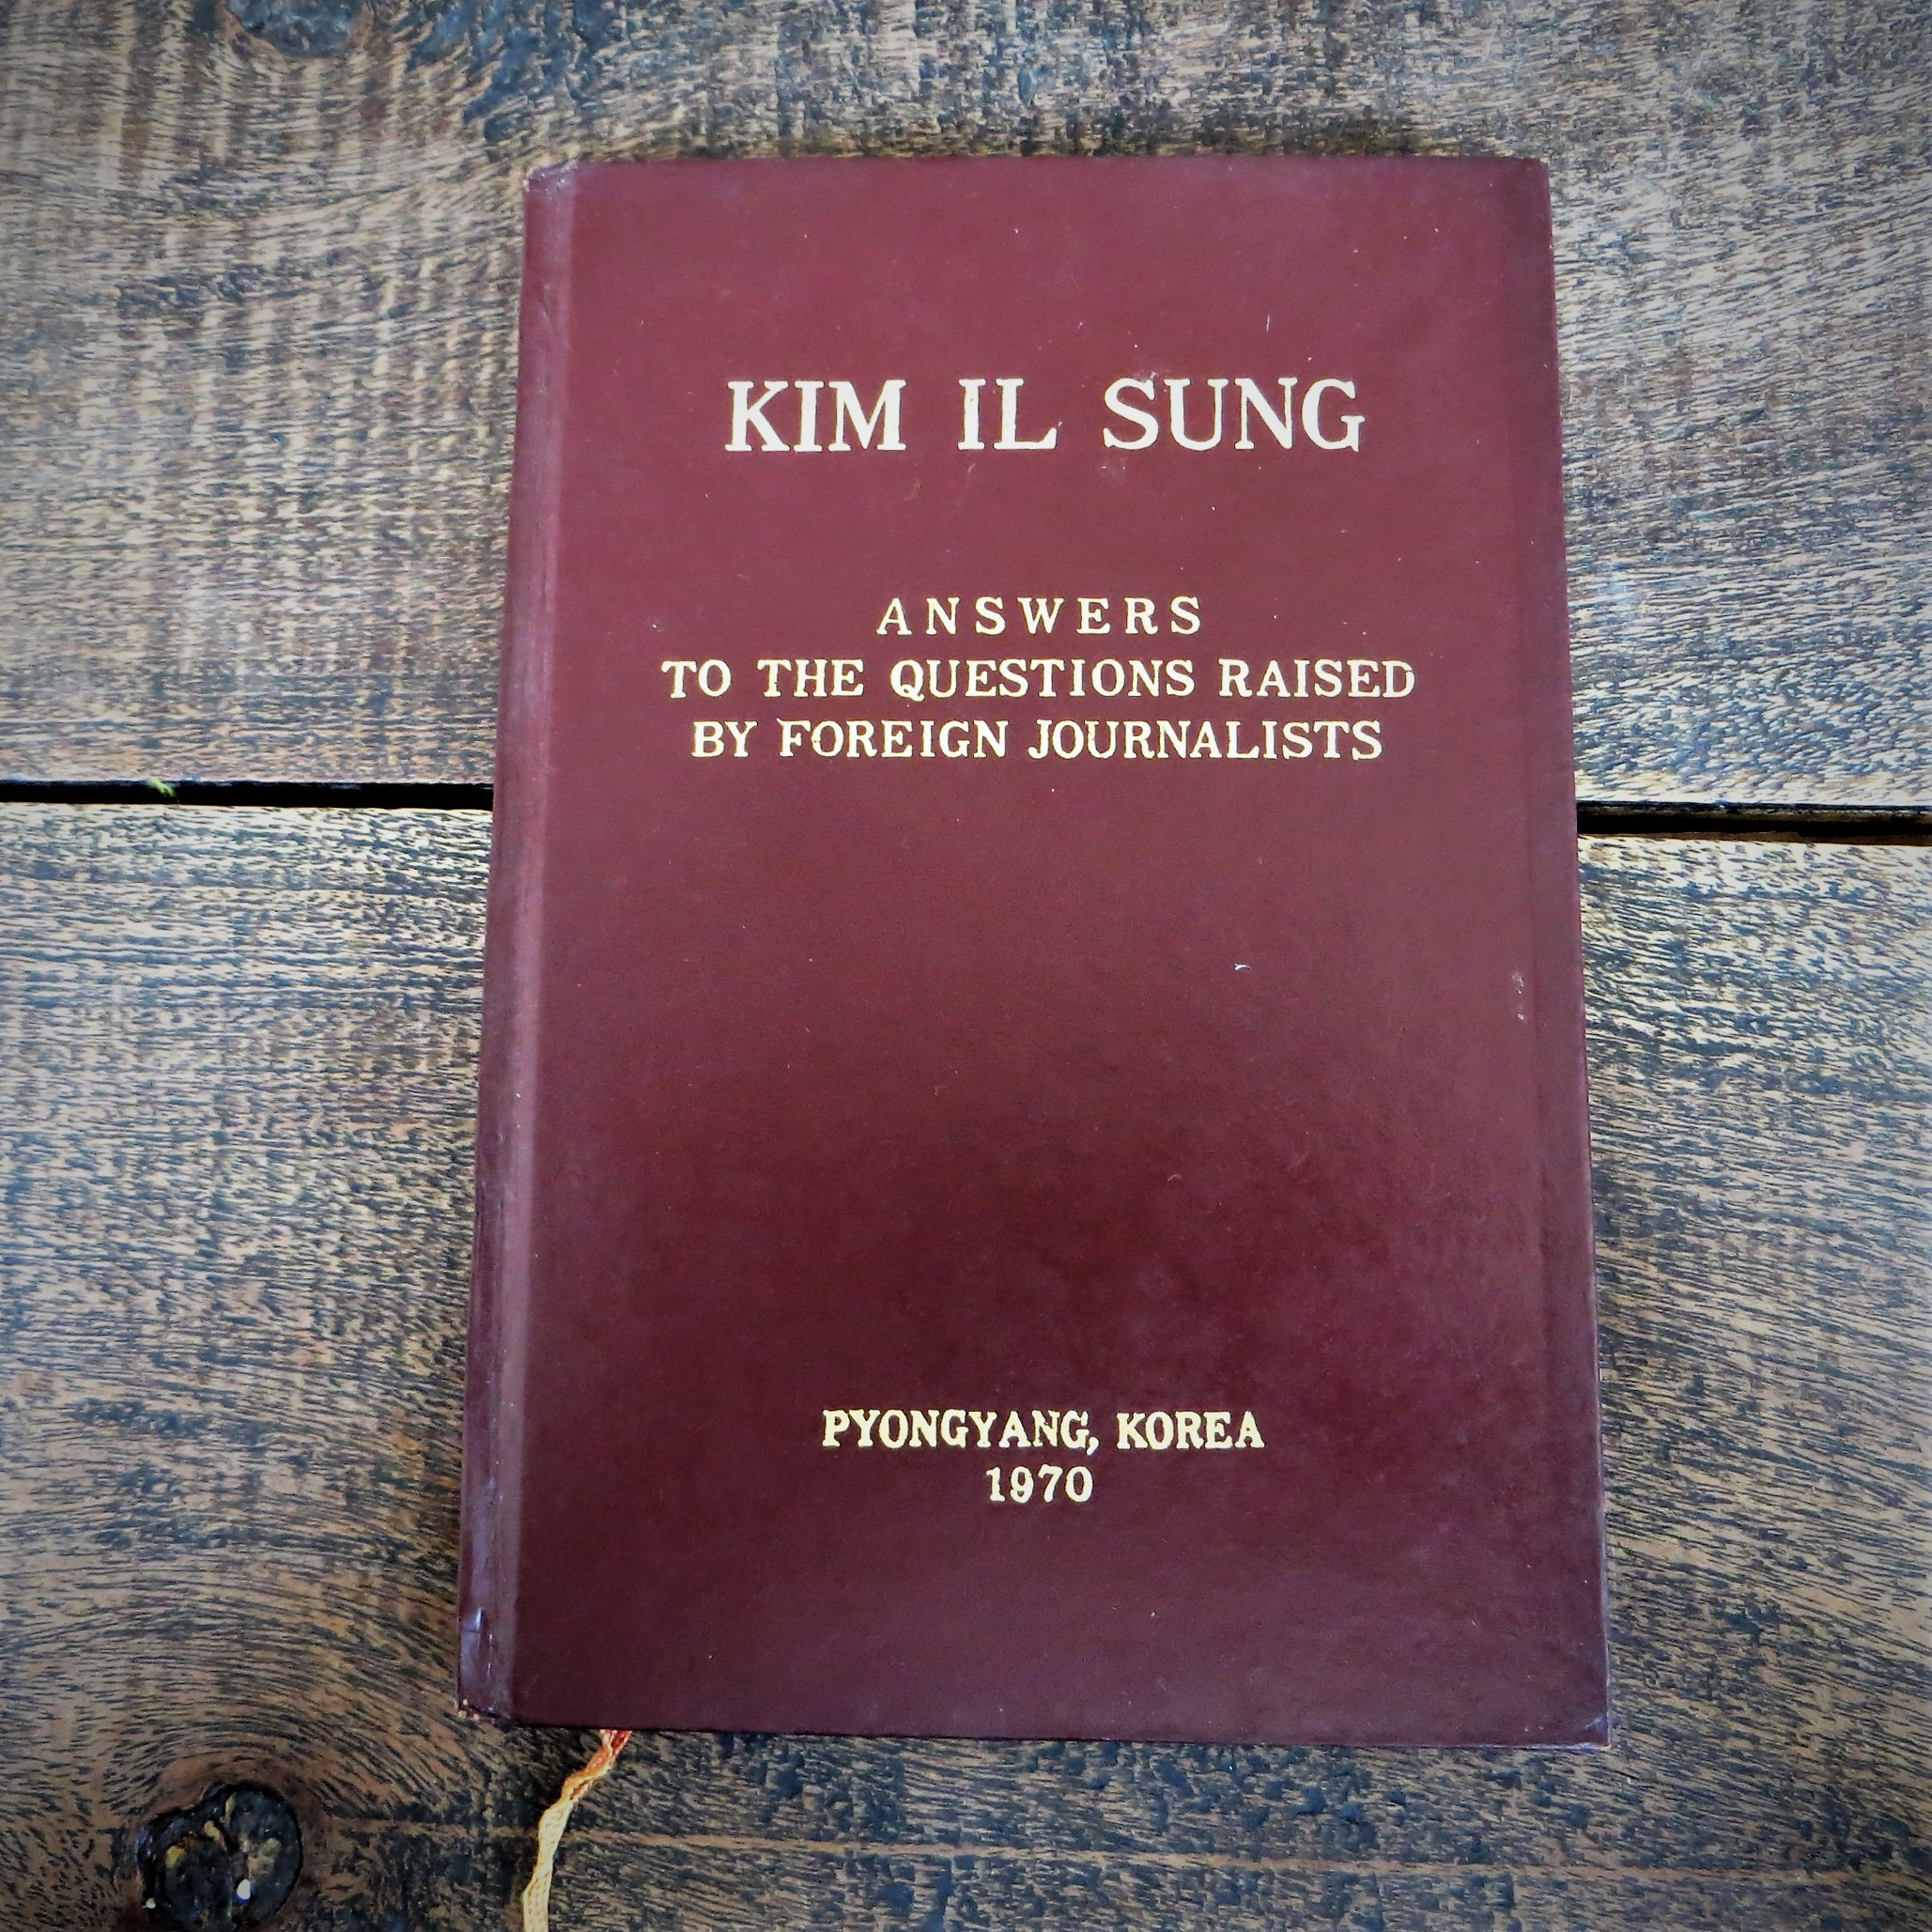 book-north-korea-kim-il-sung-1